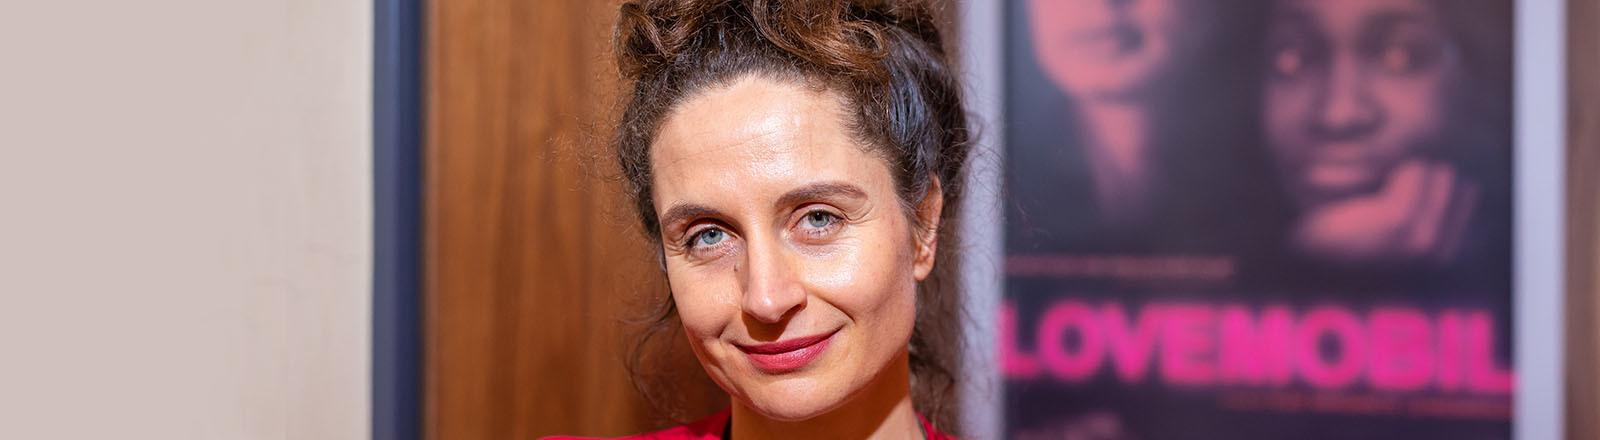 Elke Lehrenkrauss, Regisseurin des Dokumentarfilms «Lovemobil», steht vor der Premiere ihres Films am 02.03.2020 vor einem Filmplakat.